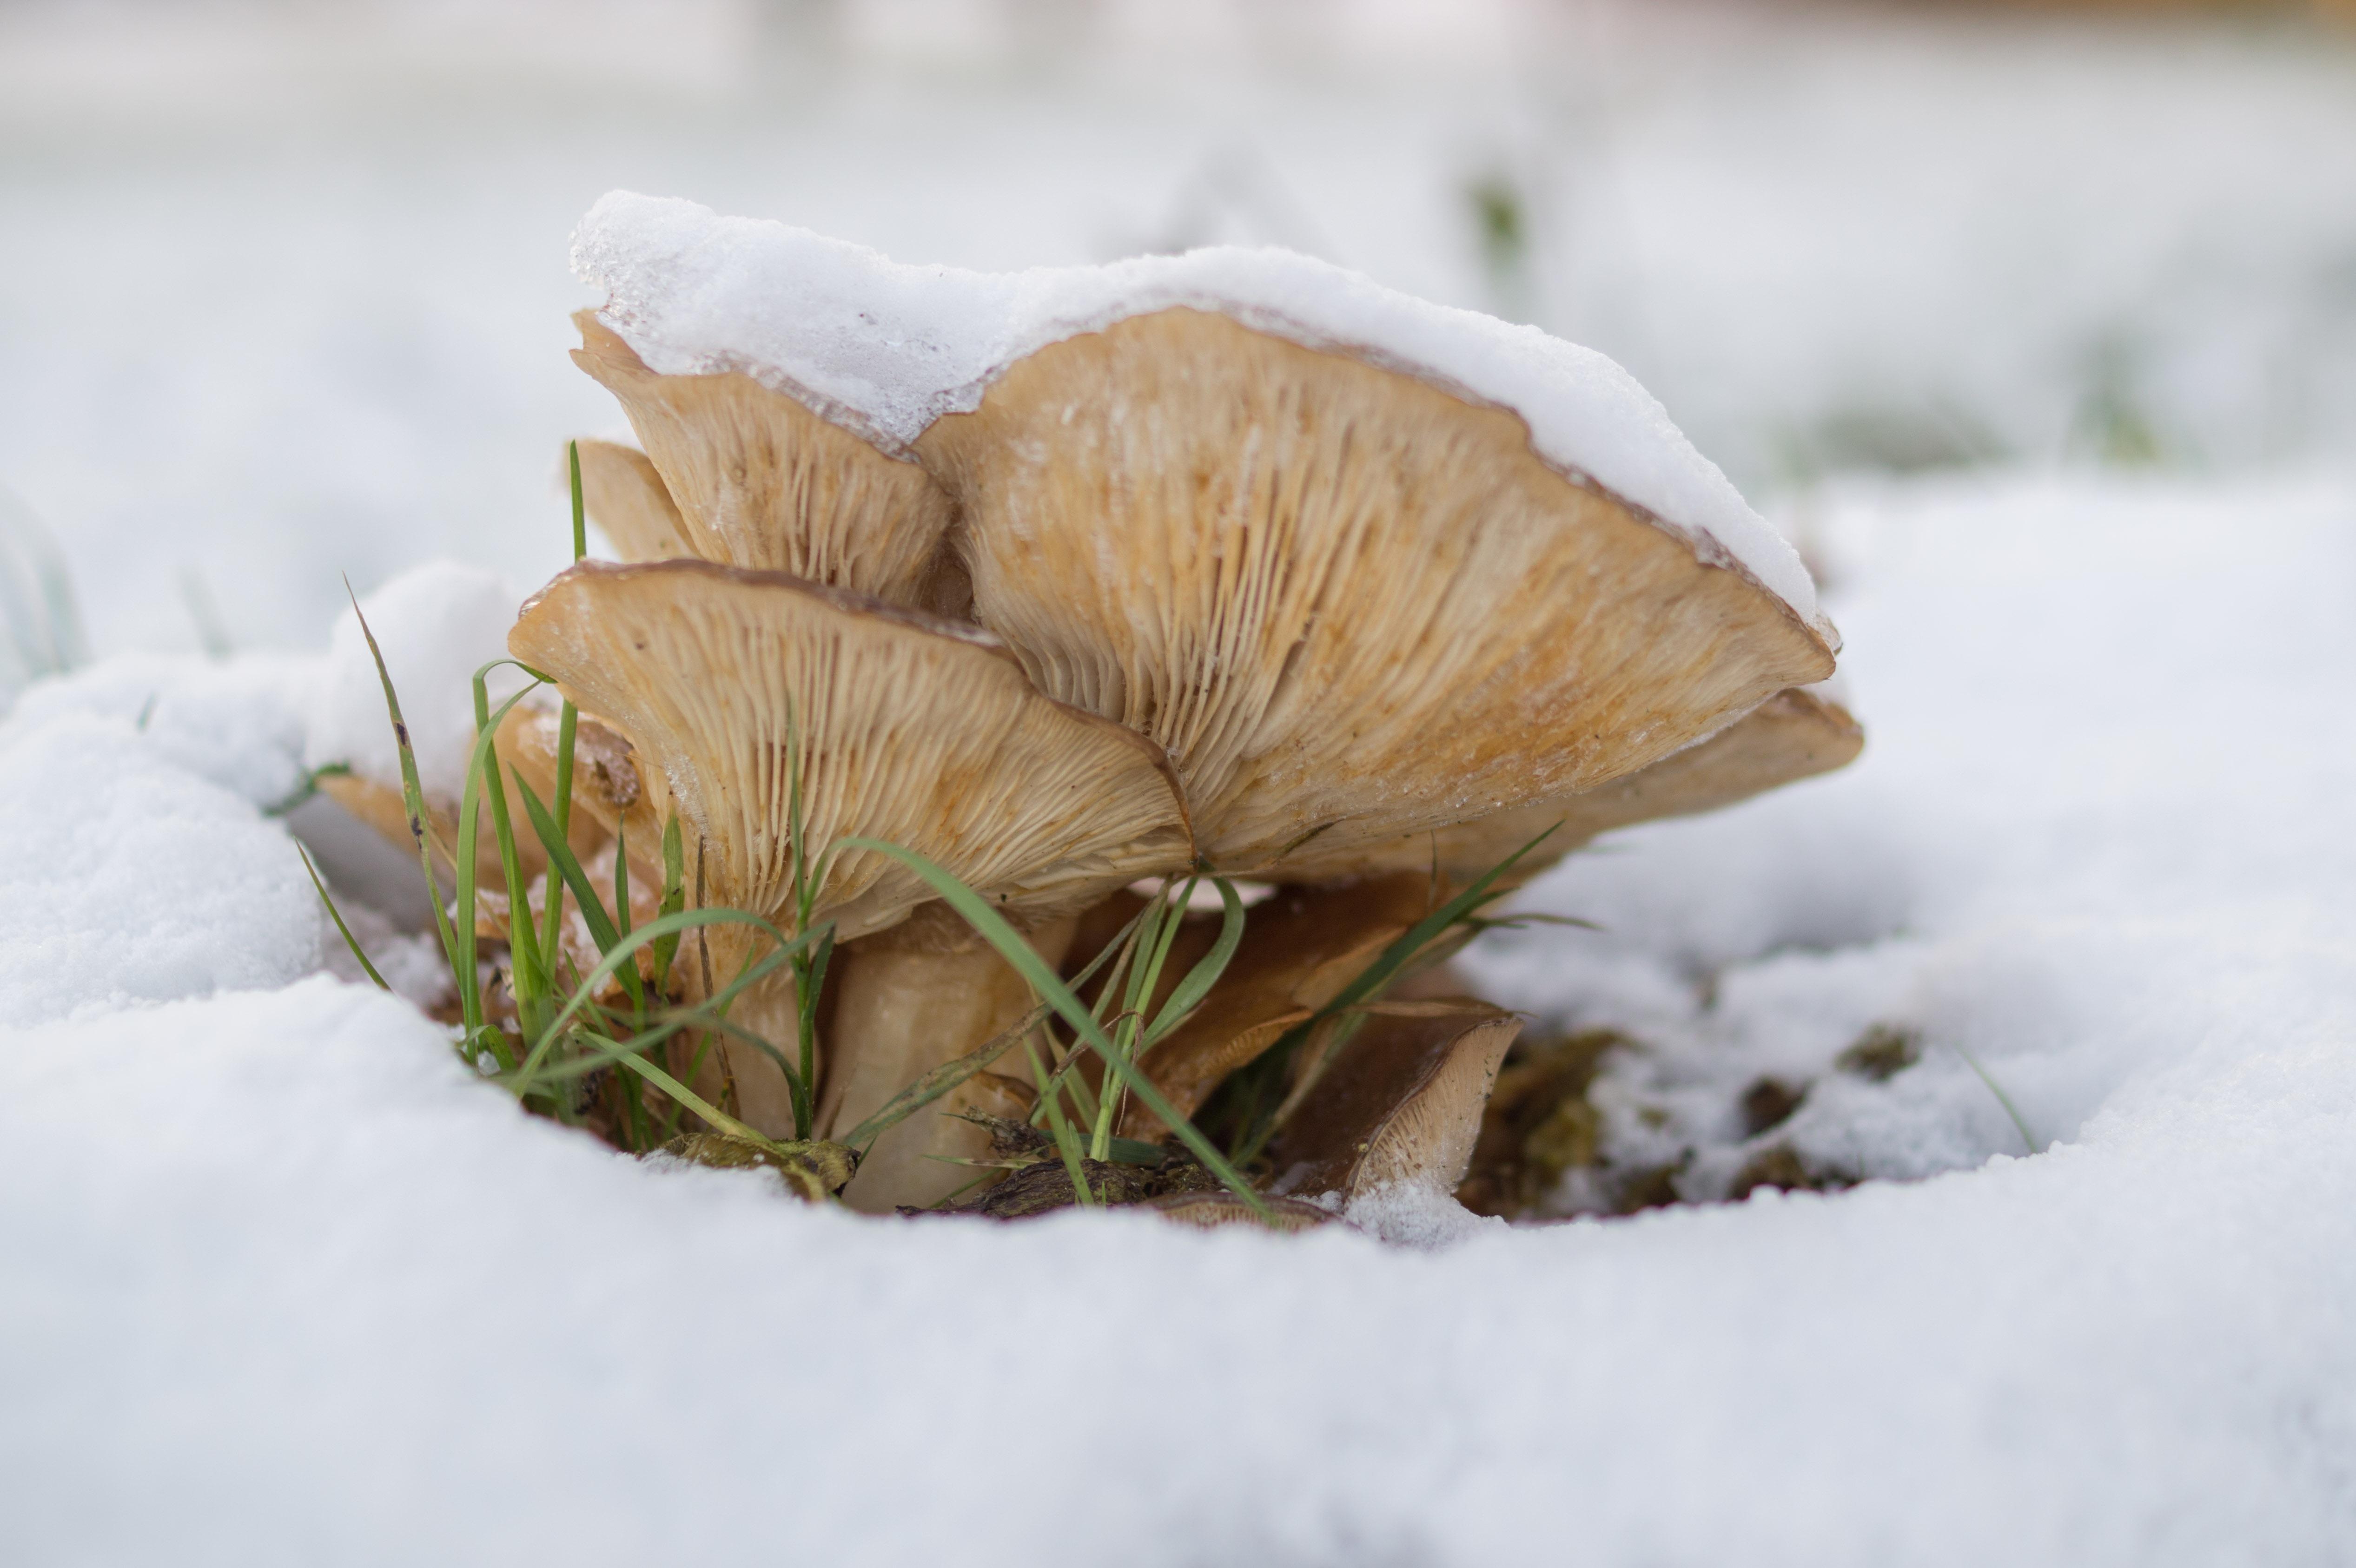 готовность пирога фото грибов в первые морозы казанцев